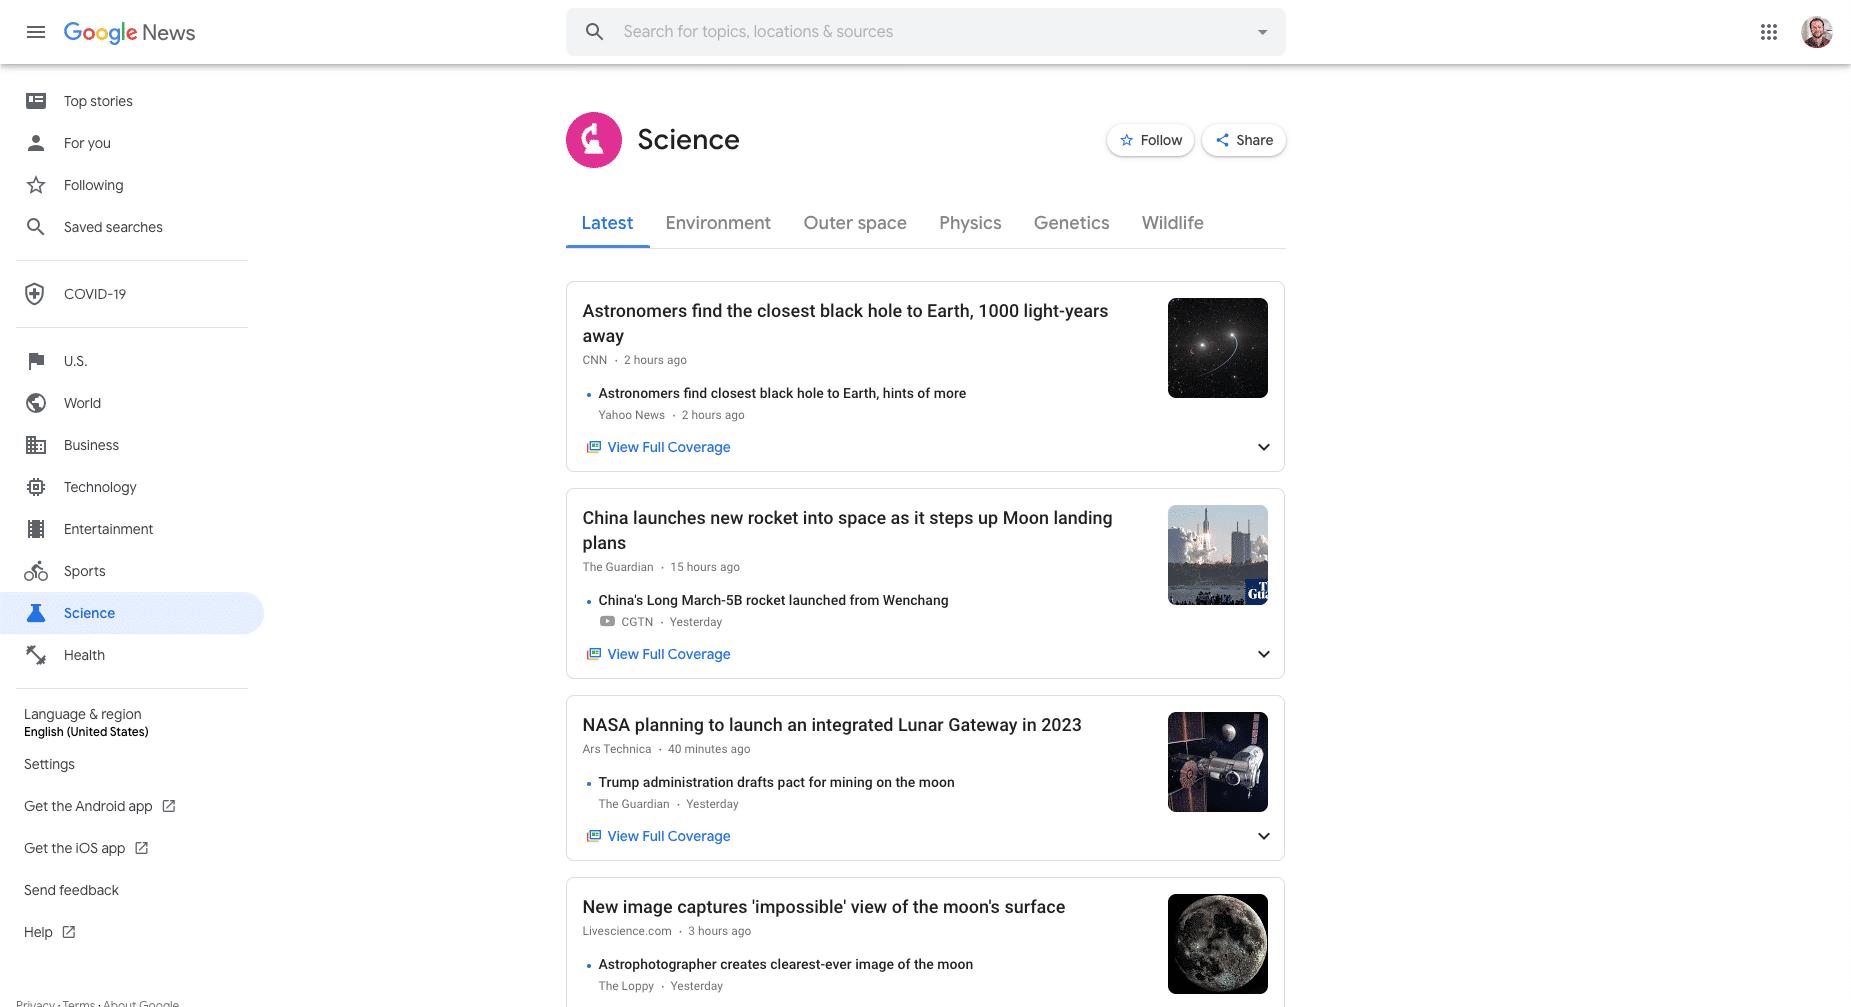 Eine Beispielseite mit Wissenschafts-Artikeln auf Google News